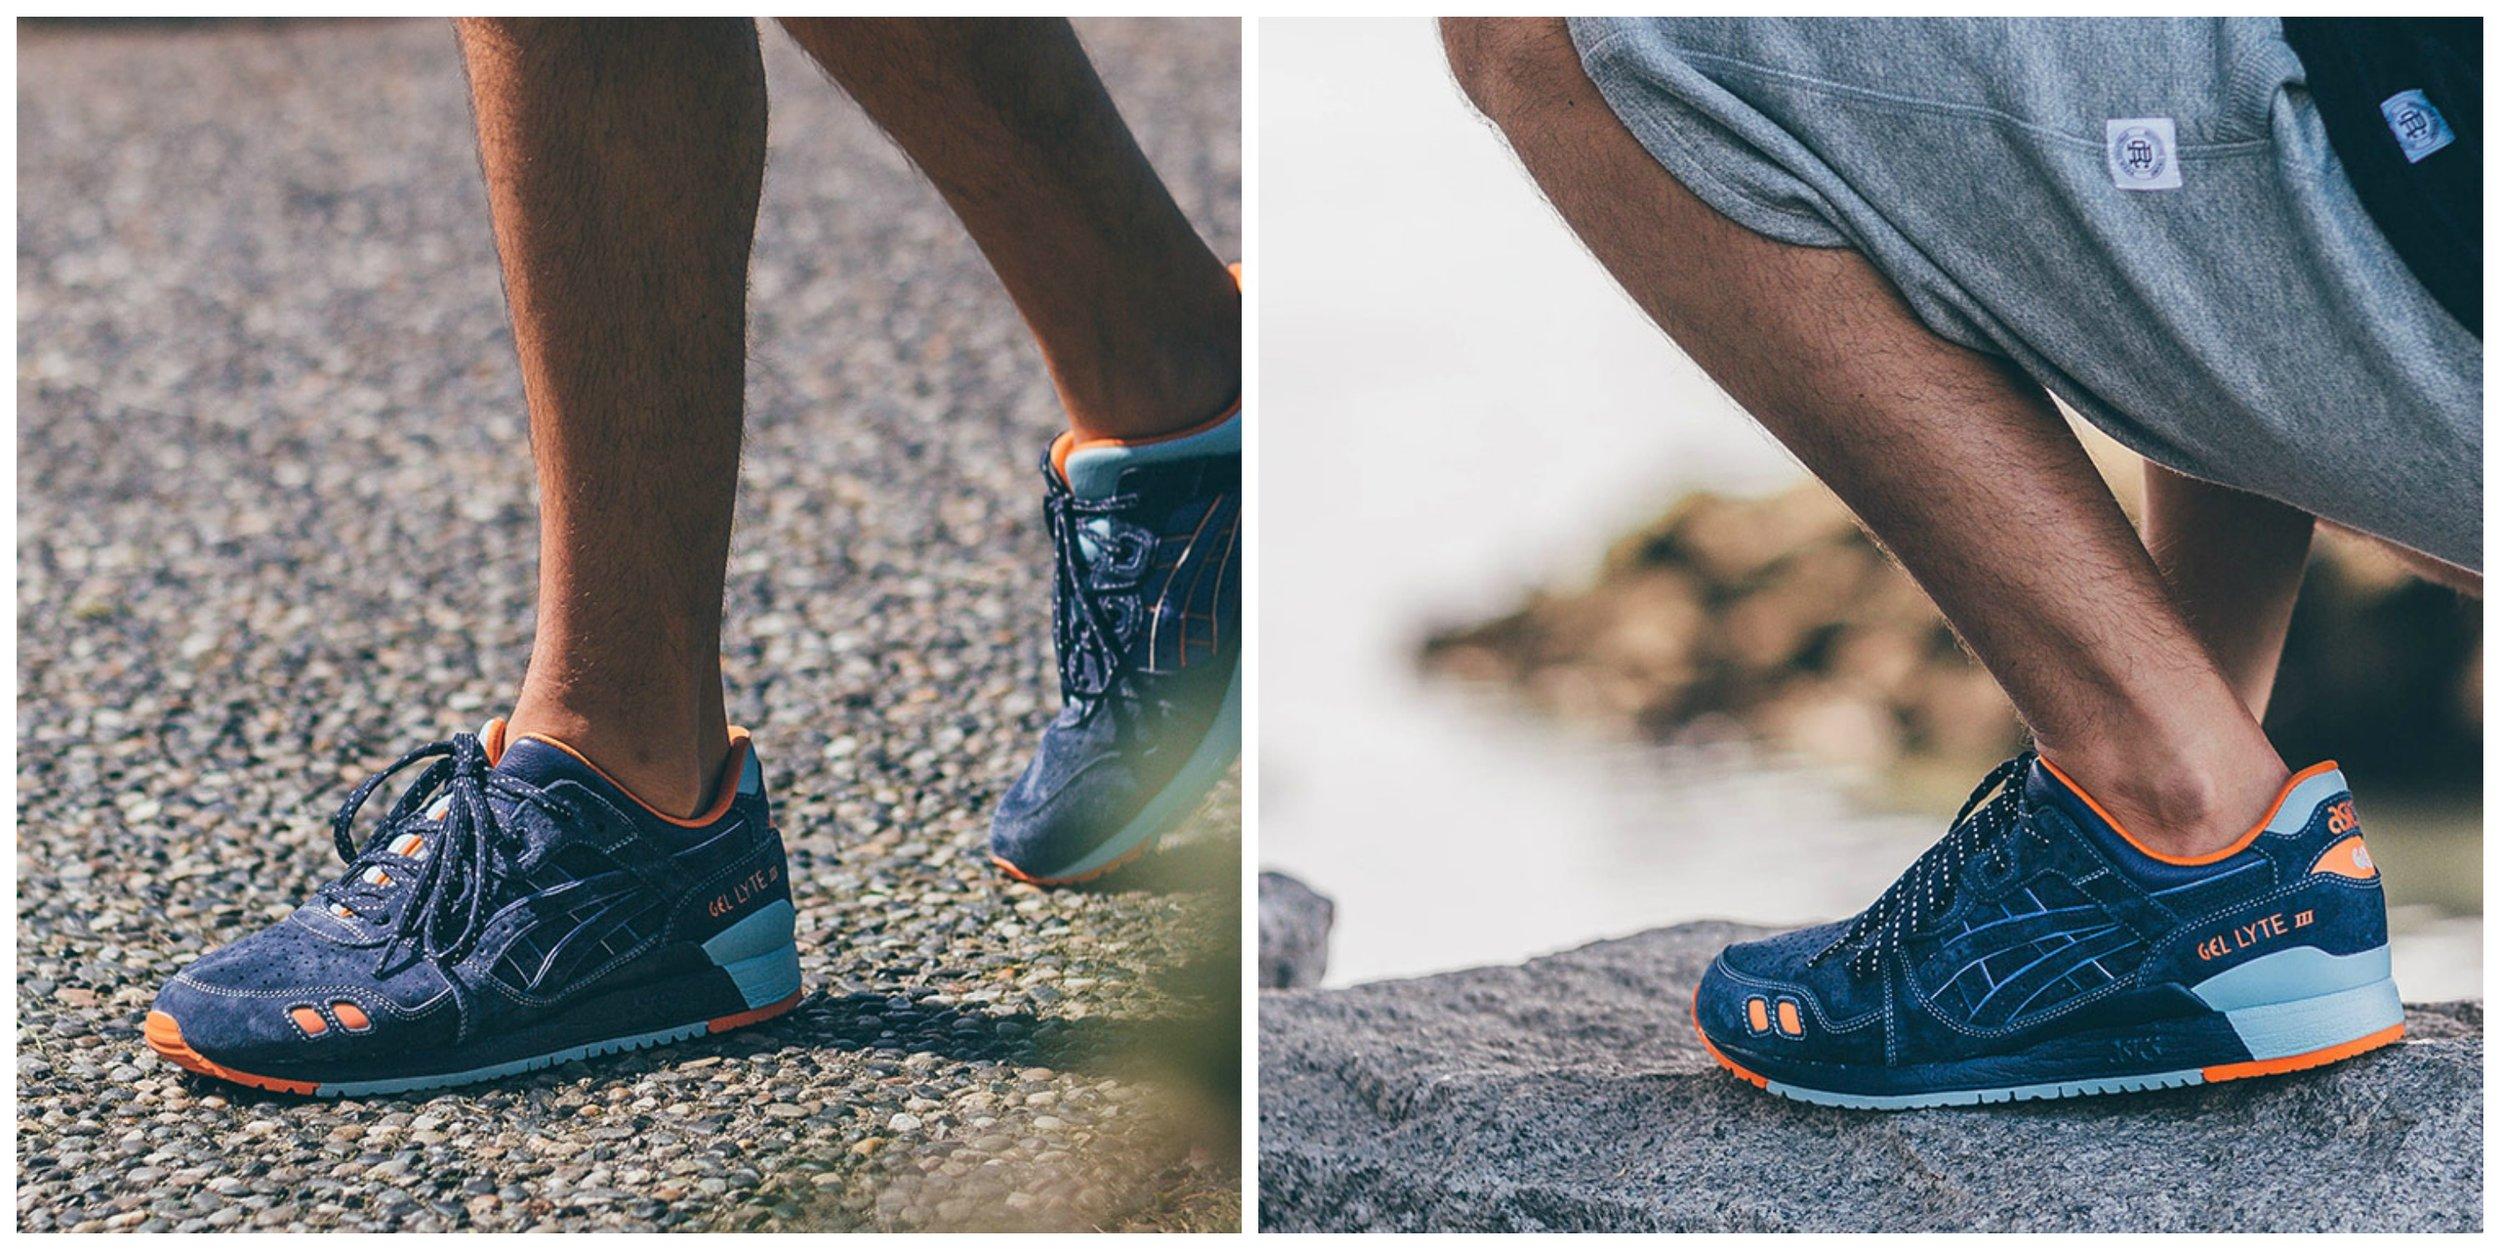 new concept c7cf5 d17a5 Foot Locker x Pensole x Asics Gel Lyte III — Oslo Sneaker Fest